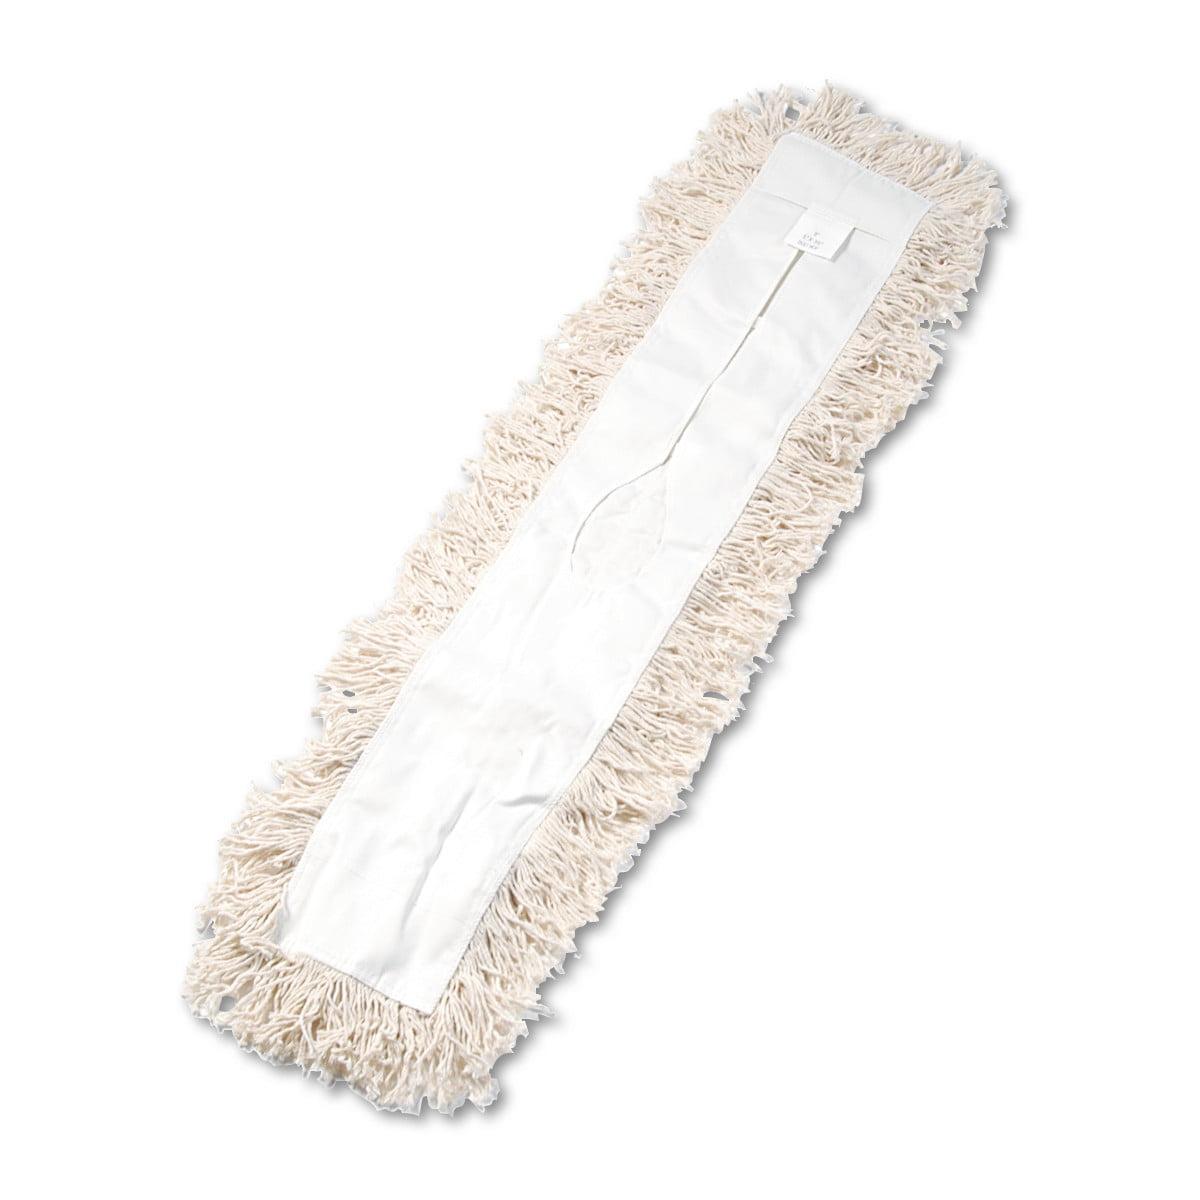 Boardwalk Industrial Dust Mop Head, Hygrade Cotton, 36w x 5d, White -BWK1336 by BOARDWALK